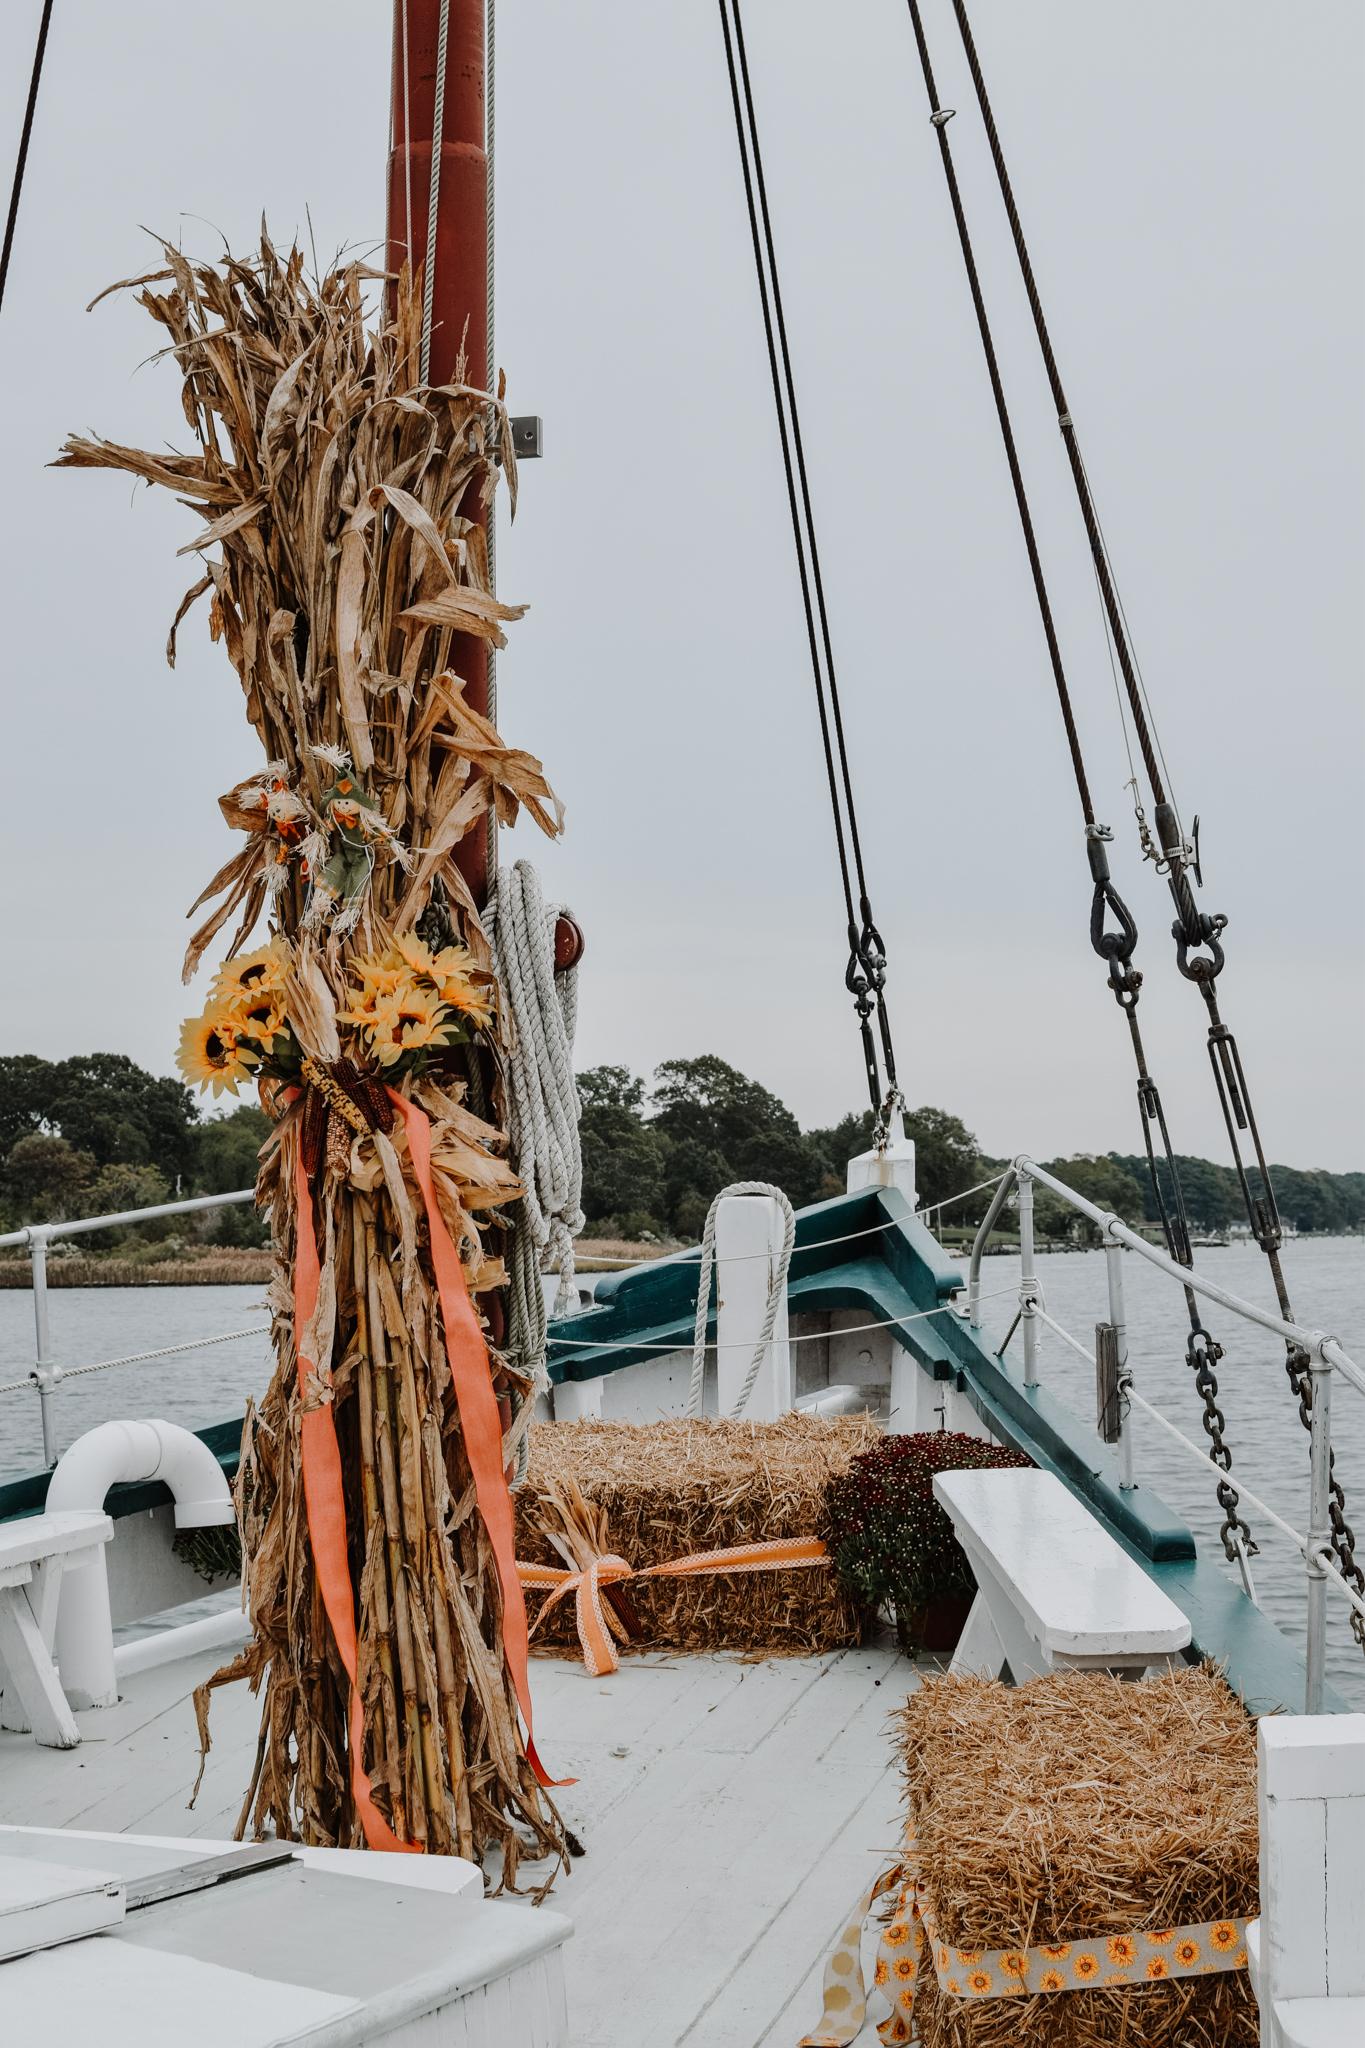 weekend in calvert county - half shell adventures solomons island